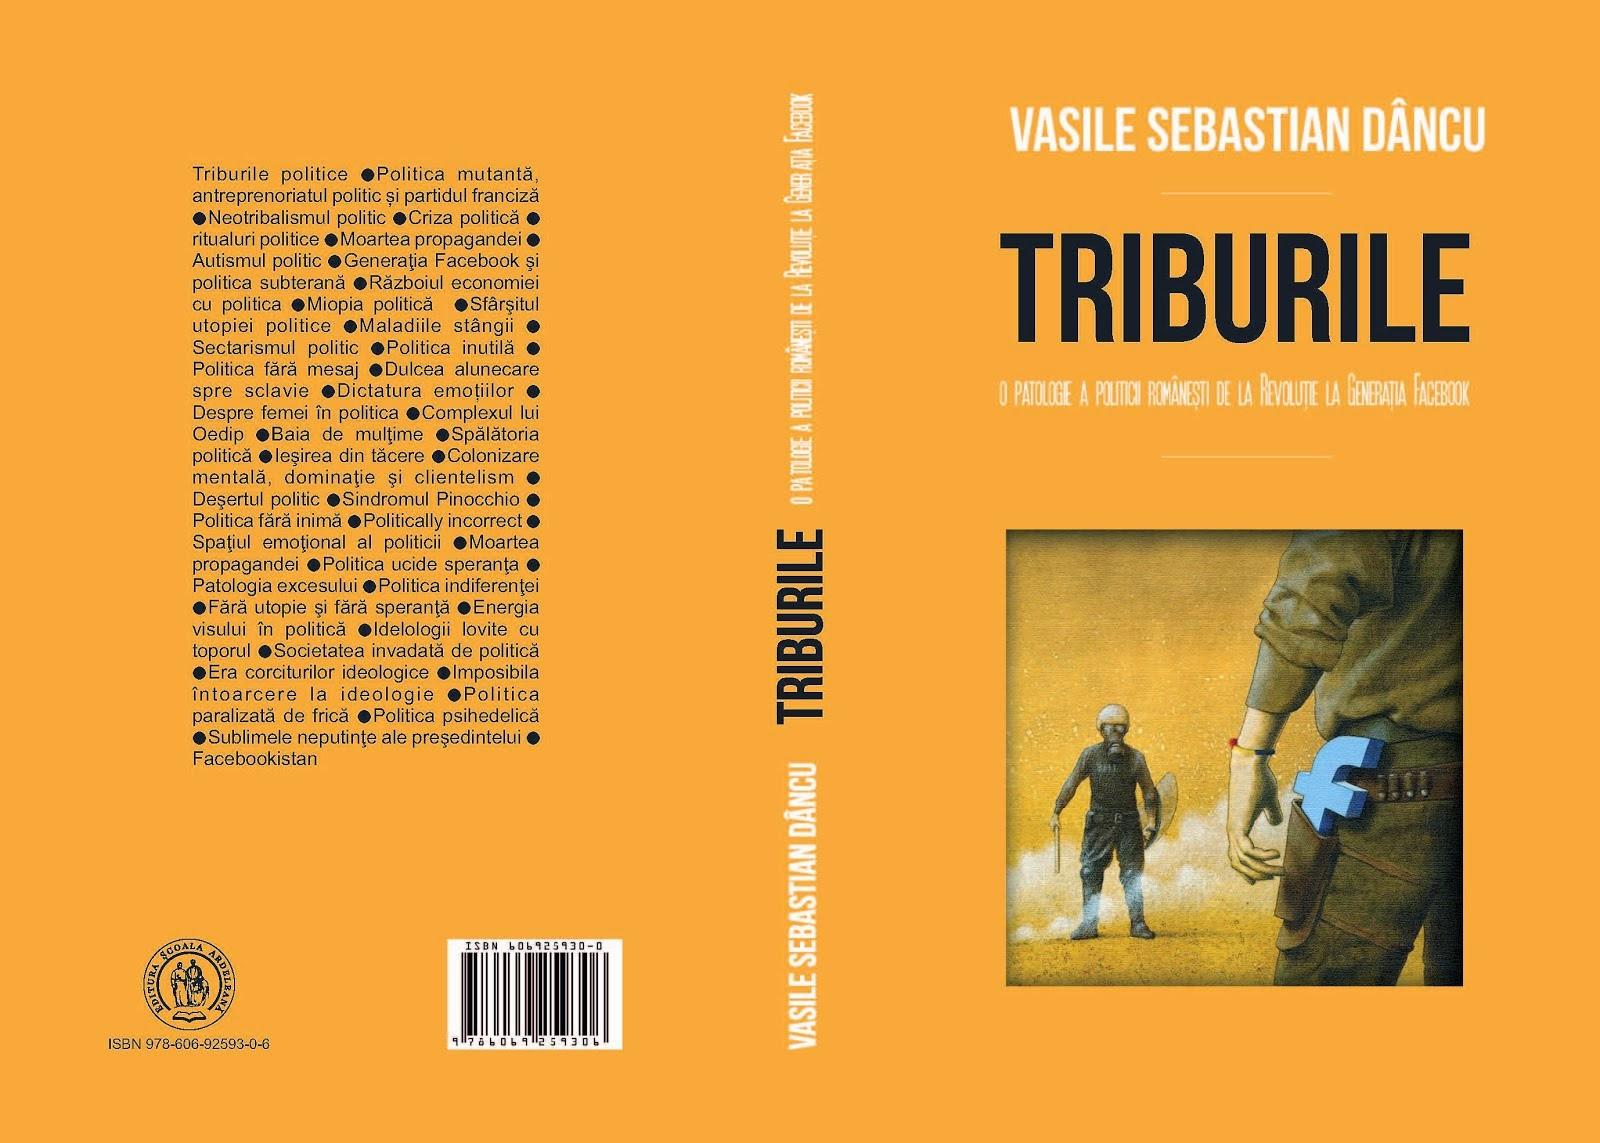 TRIBURILE. O patologie a politici româneşti de la Revoluţie la Generaţia Facebook